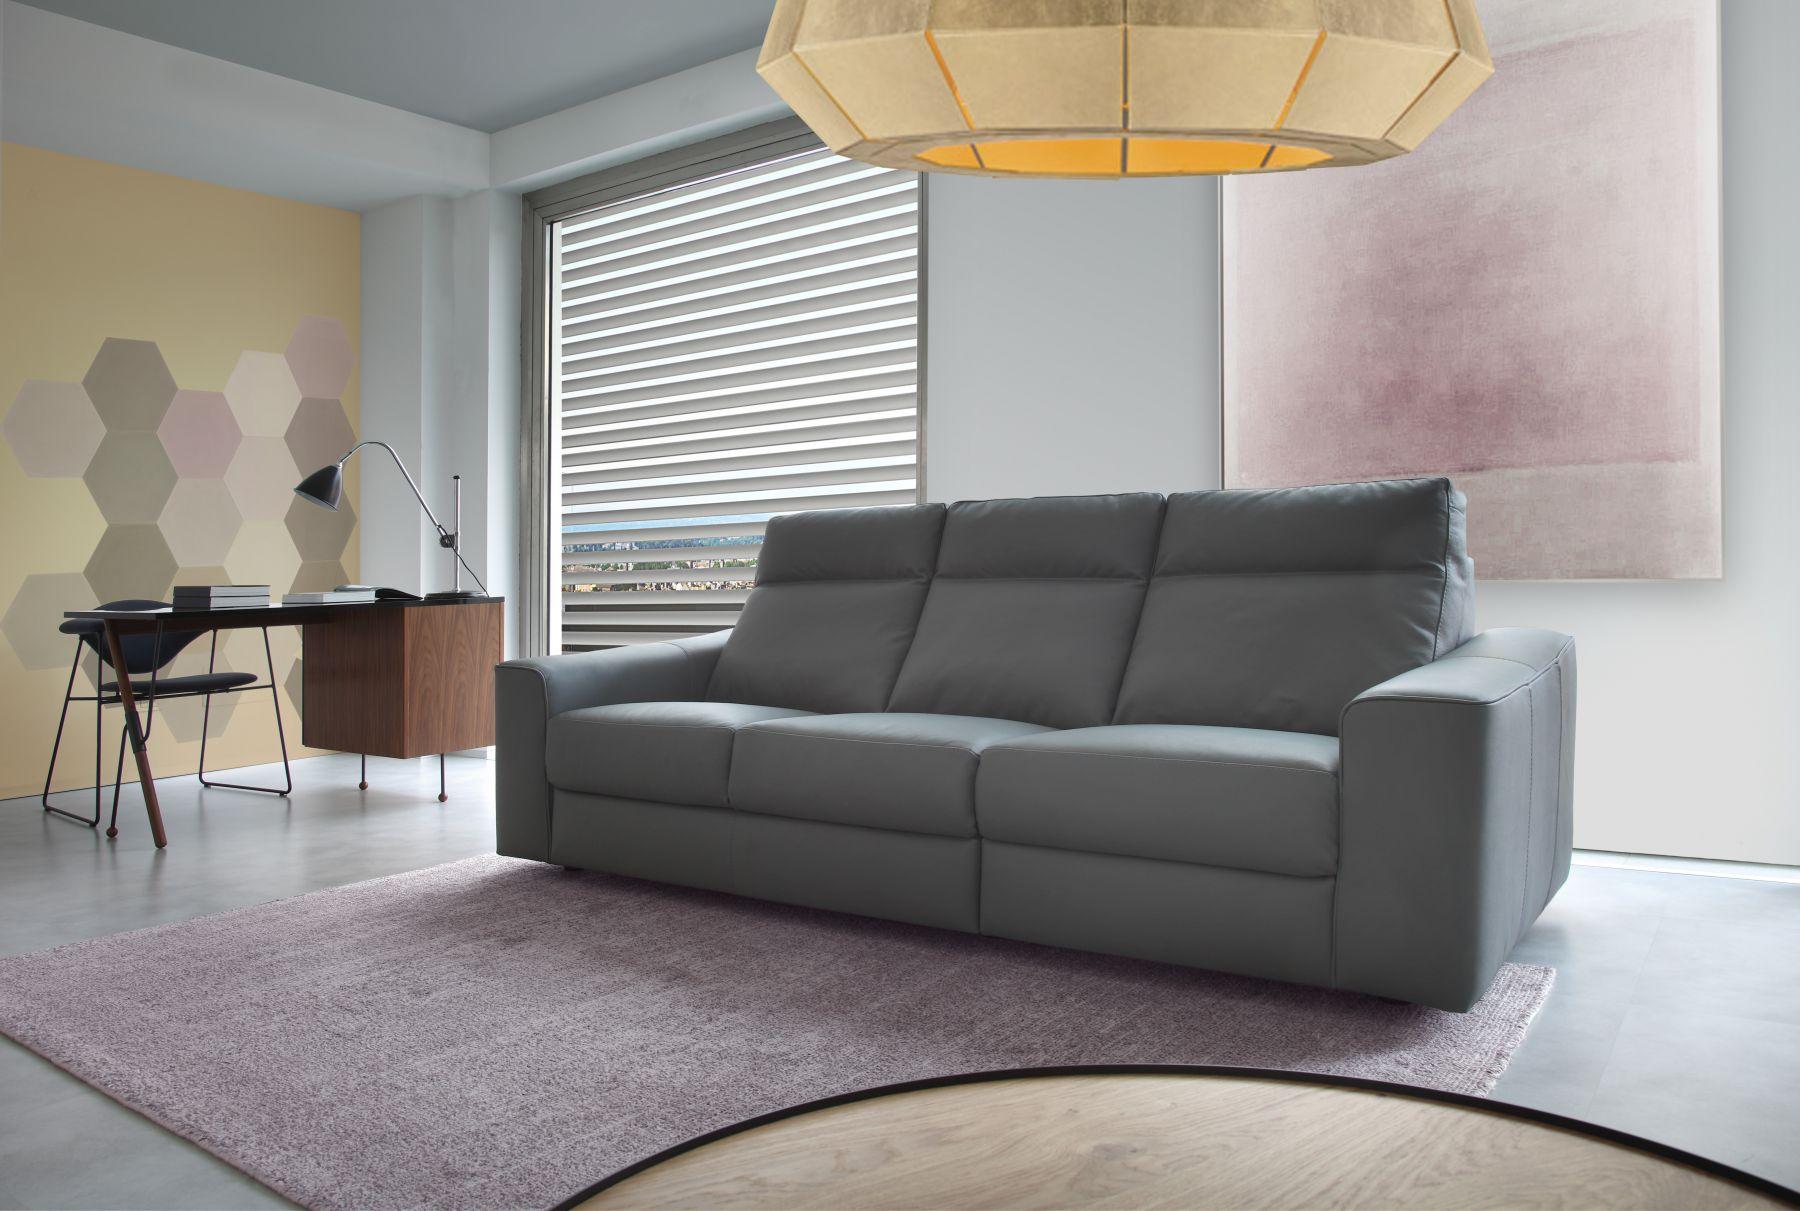 Calia divani prezzi divano dal cuore tecnologico divani for Arredamenti italia prezzi